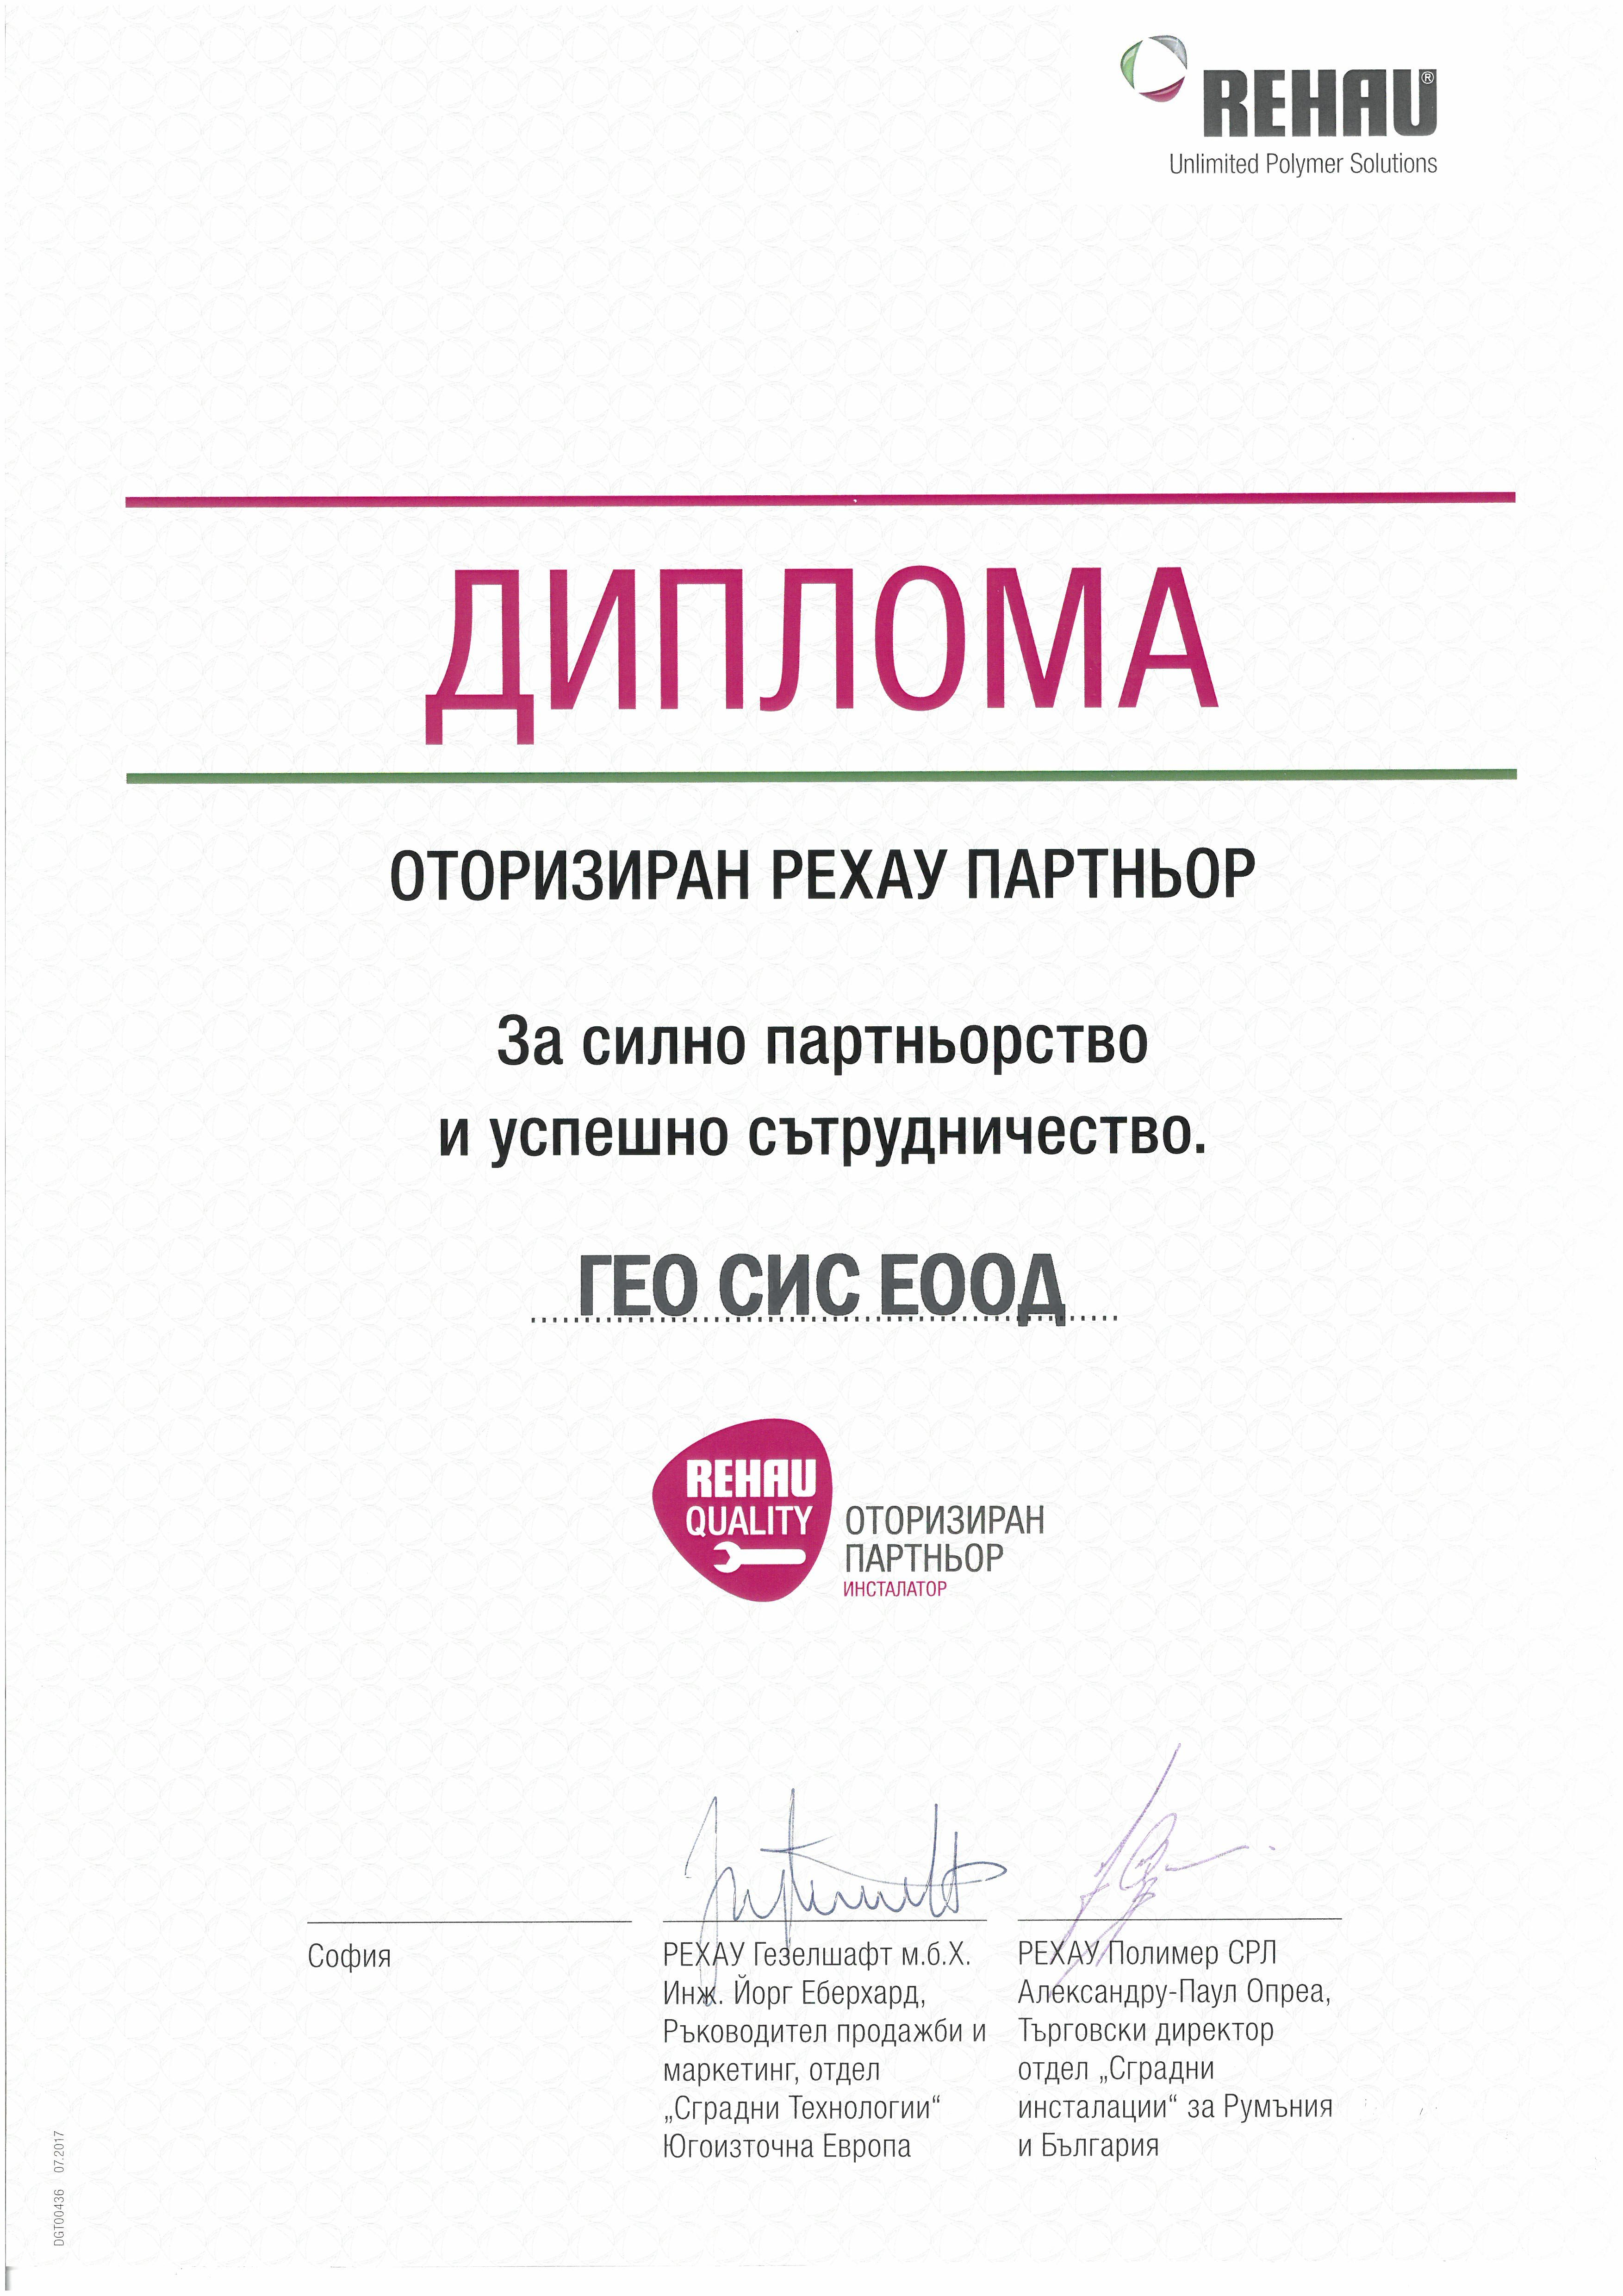 Диплома за оторизиран партньор на REHAU